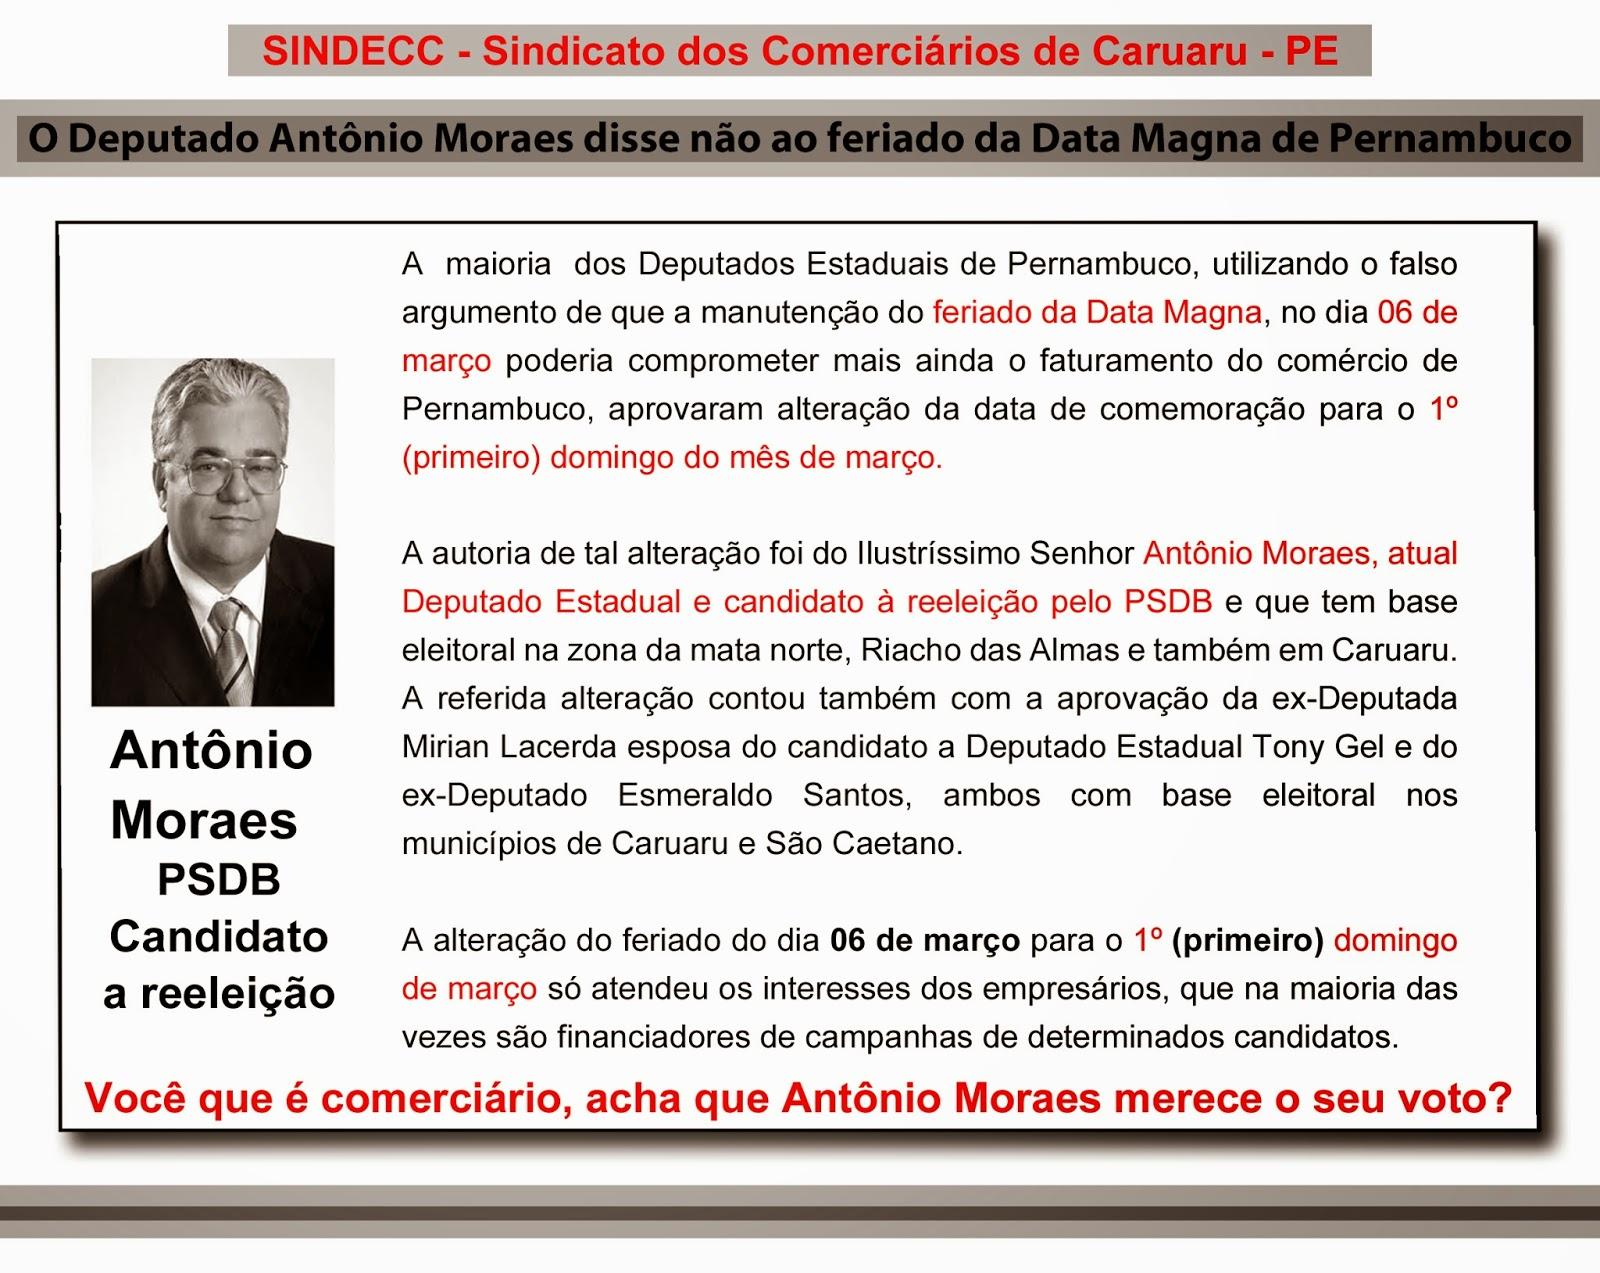 O Deputado Antônio Moraes disse não ao feriado da Data Magna de Pernambuco.